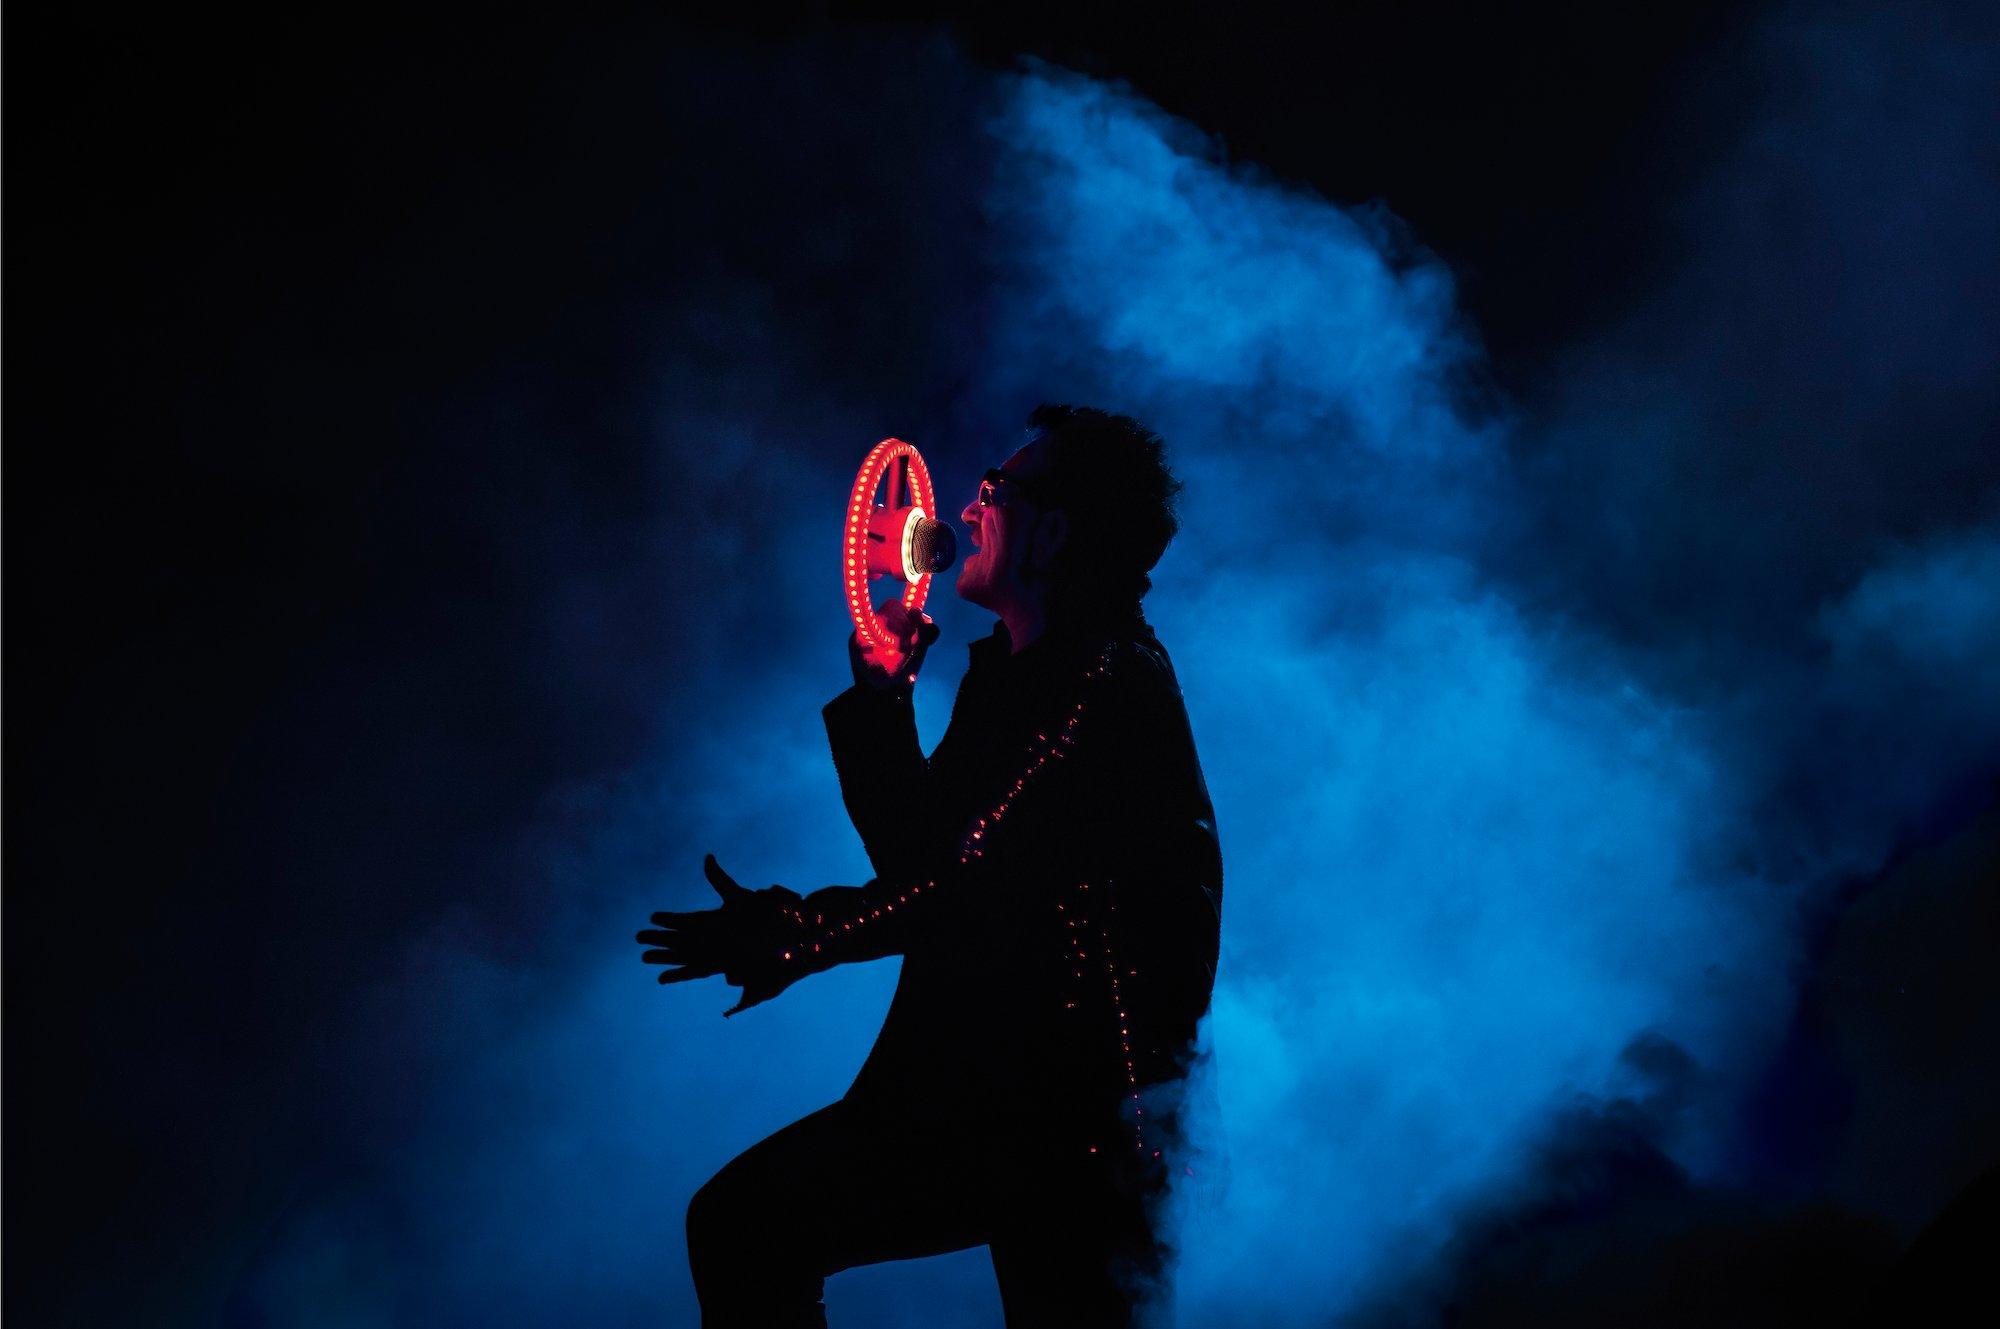 Bono by Julian Lennon